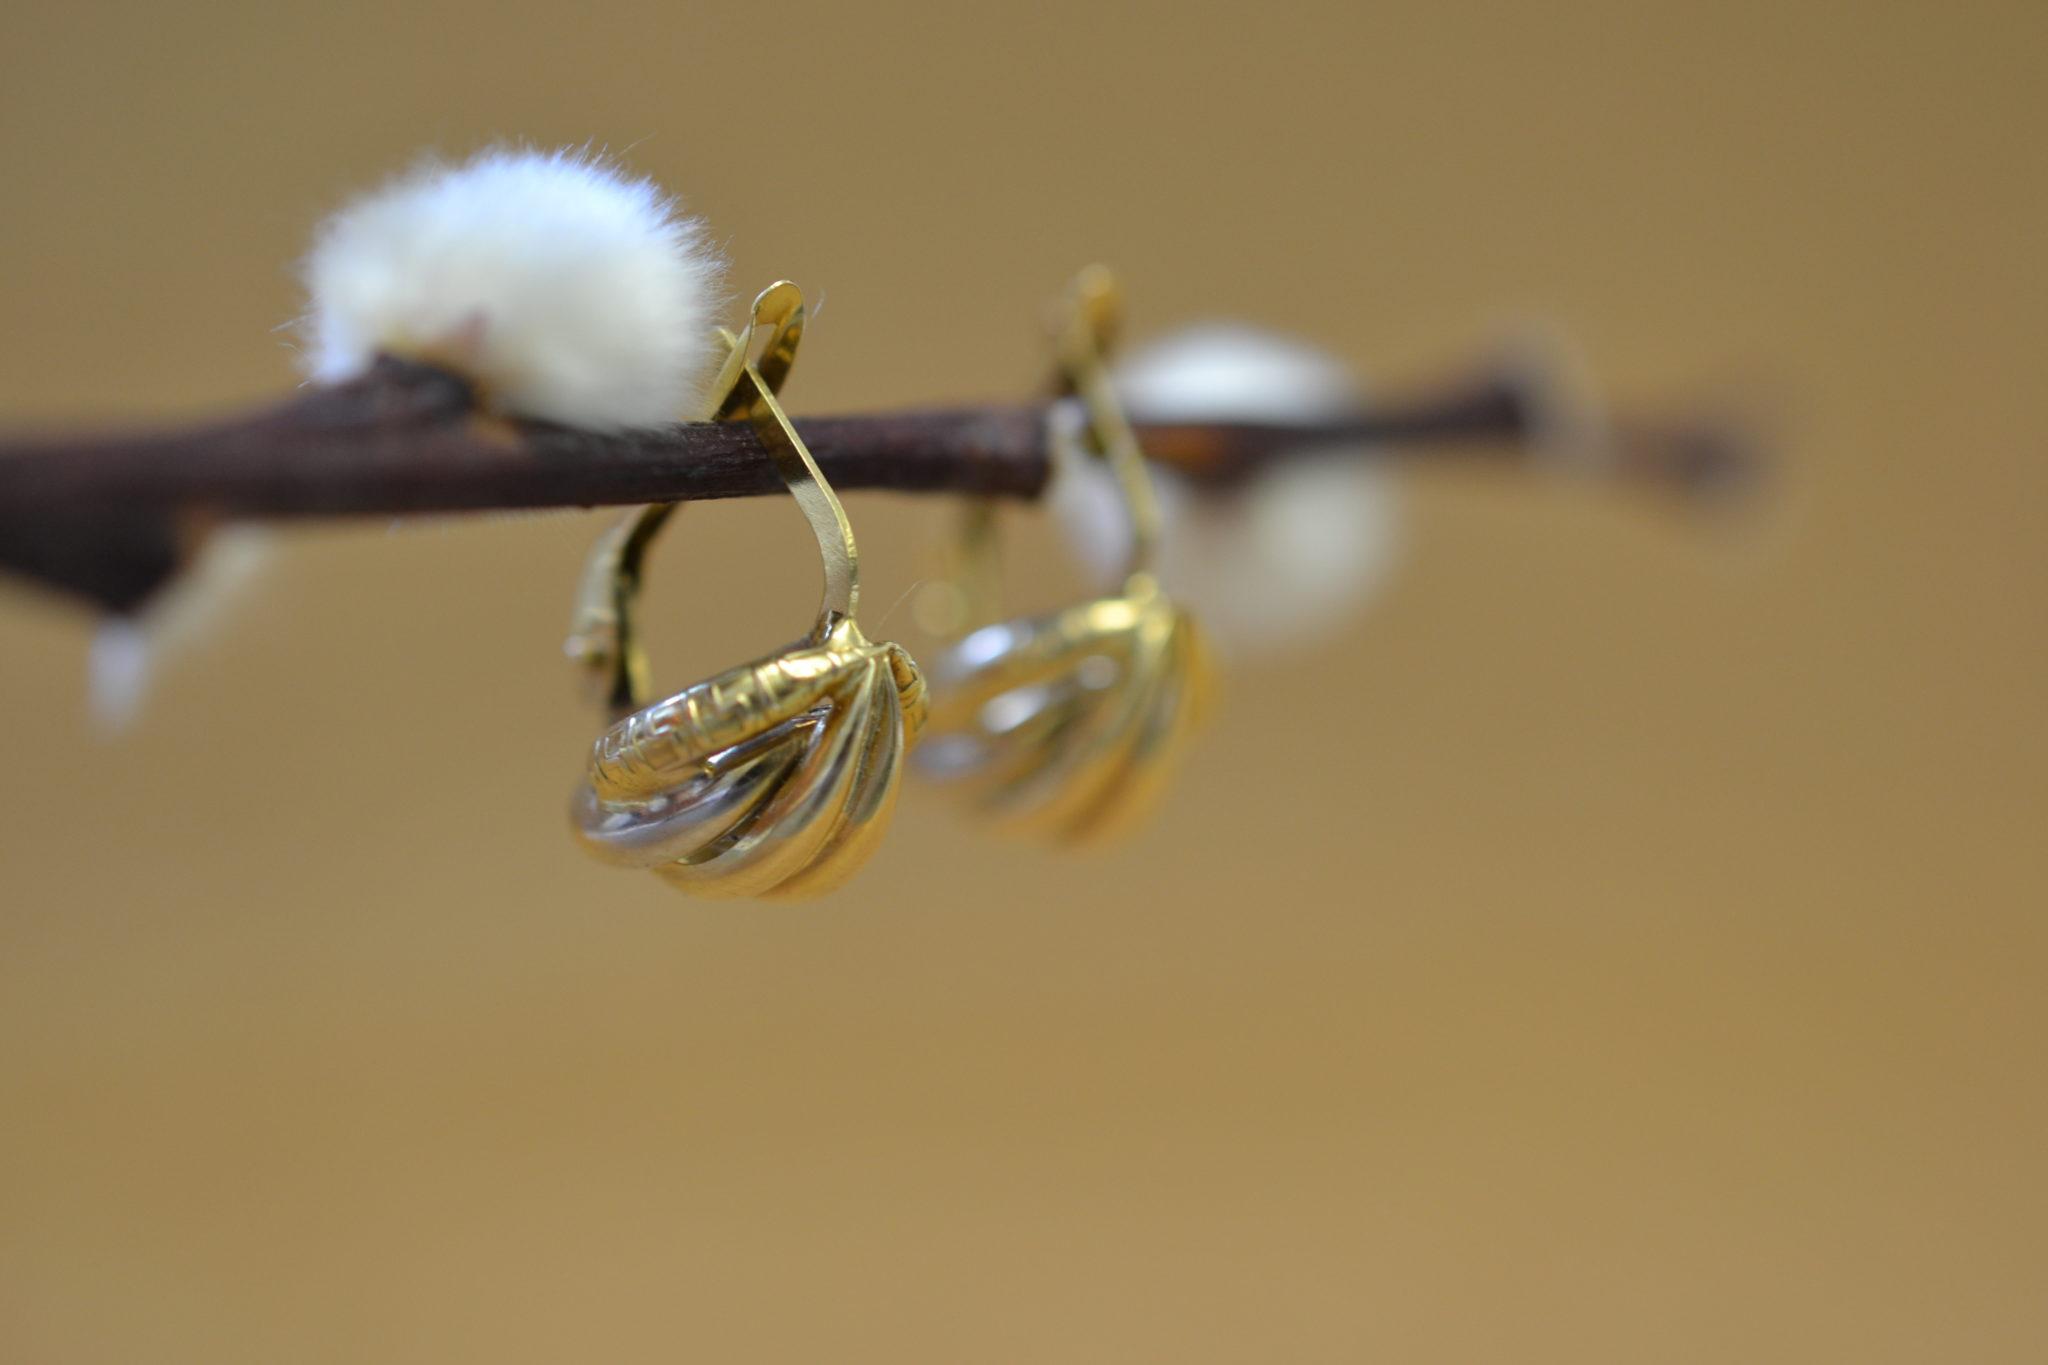 boucles d'oreilles 2 Ors vintage - boucles d'oreilles robe mariage durable